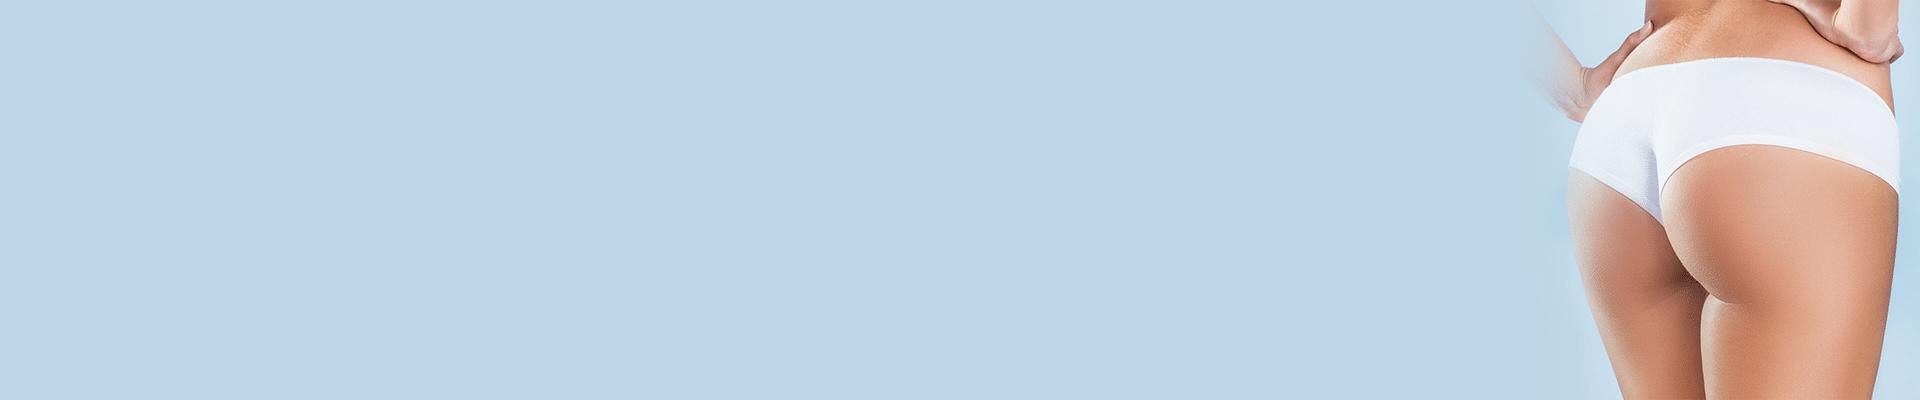 [:fr]Augmentation fesses Nabeul par prothèses : pose d'implants fessier prix pas cher[:ar]حشو الأرداف في نابل بالأطراف الاصطناعية: غرس الأطراف الاصطناعية بسعر مناسب[:]